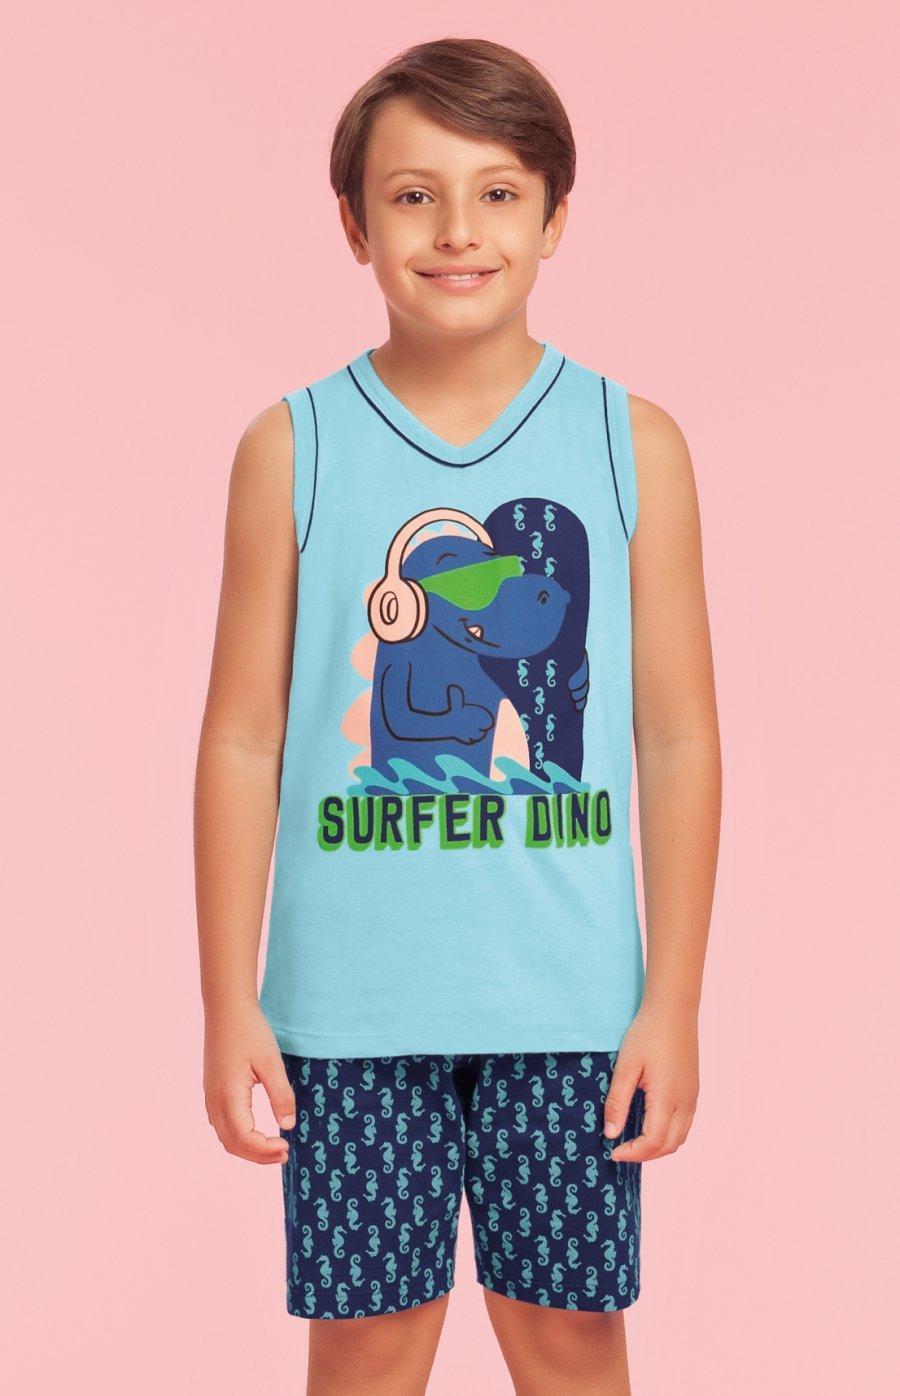 Pijama Infantil Masculino 100% Algodão Surfer Dino Verão 2019 PROMO